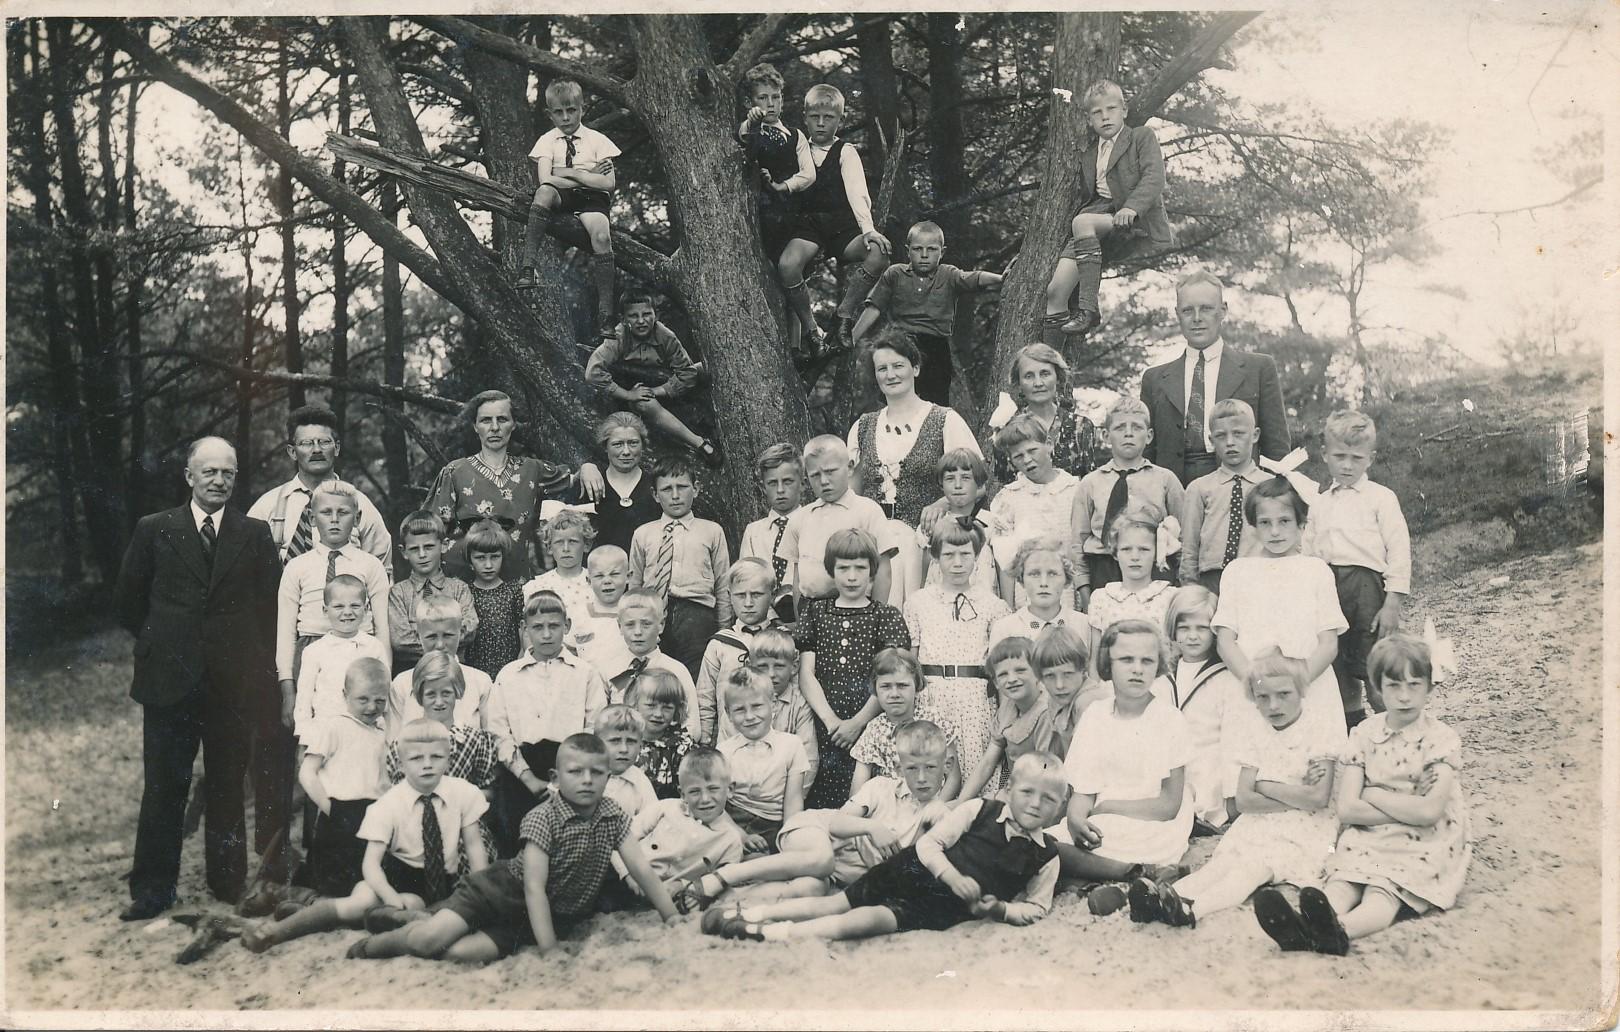 Fotoalbum Andre Kamsma, 018, Skoallereiske 1939